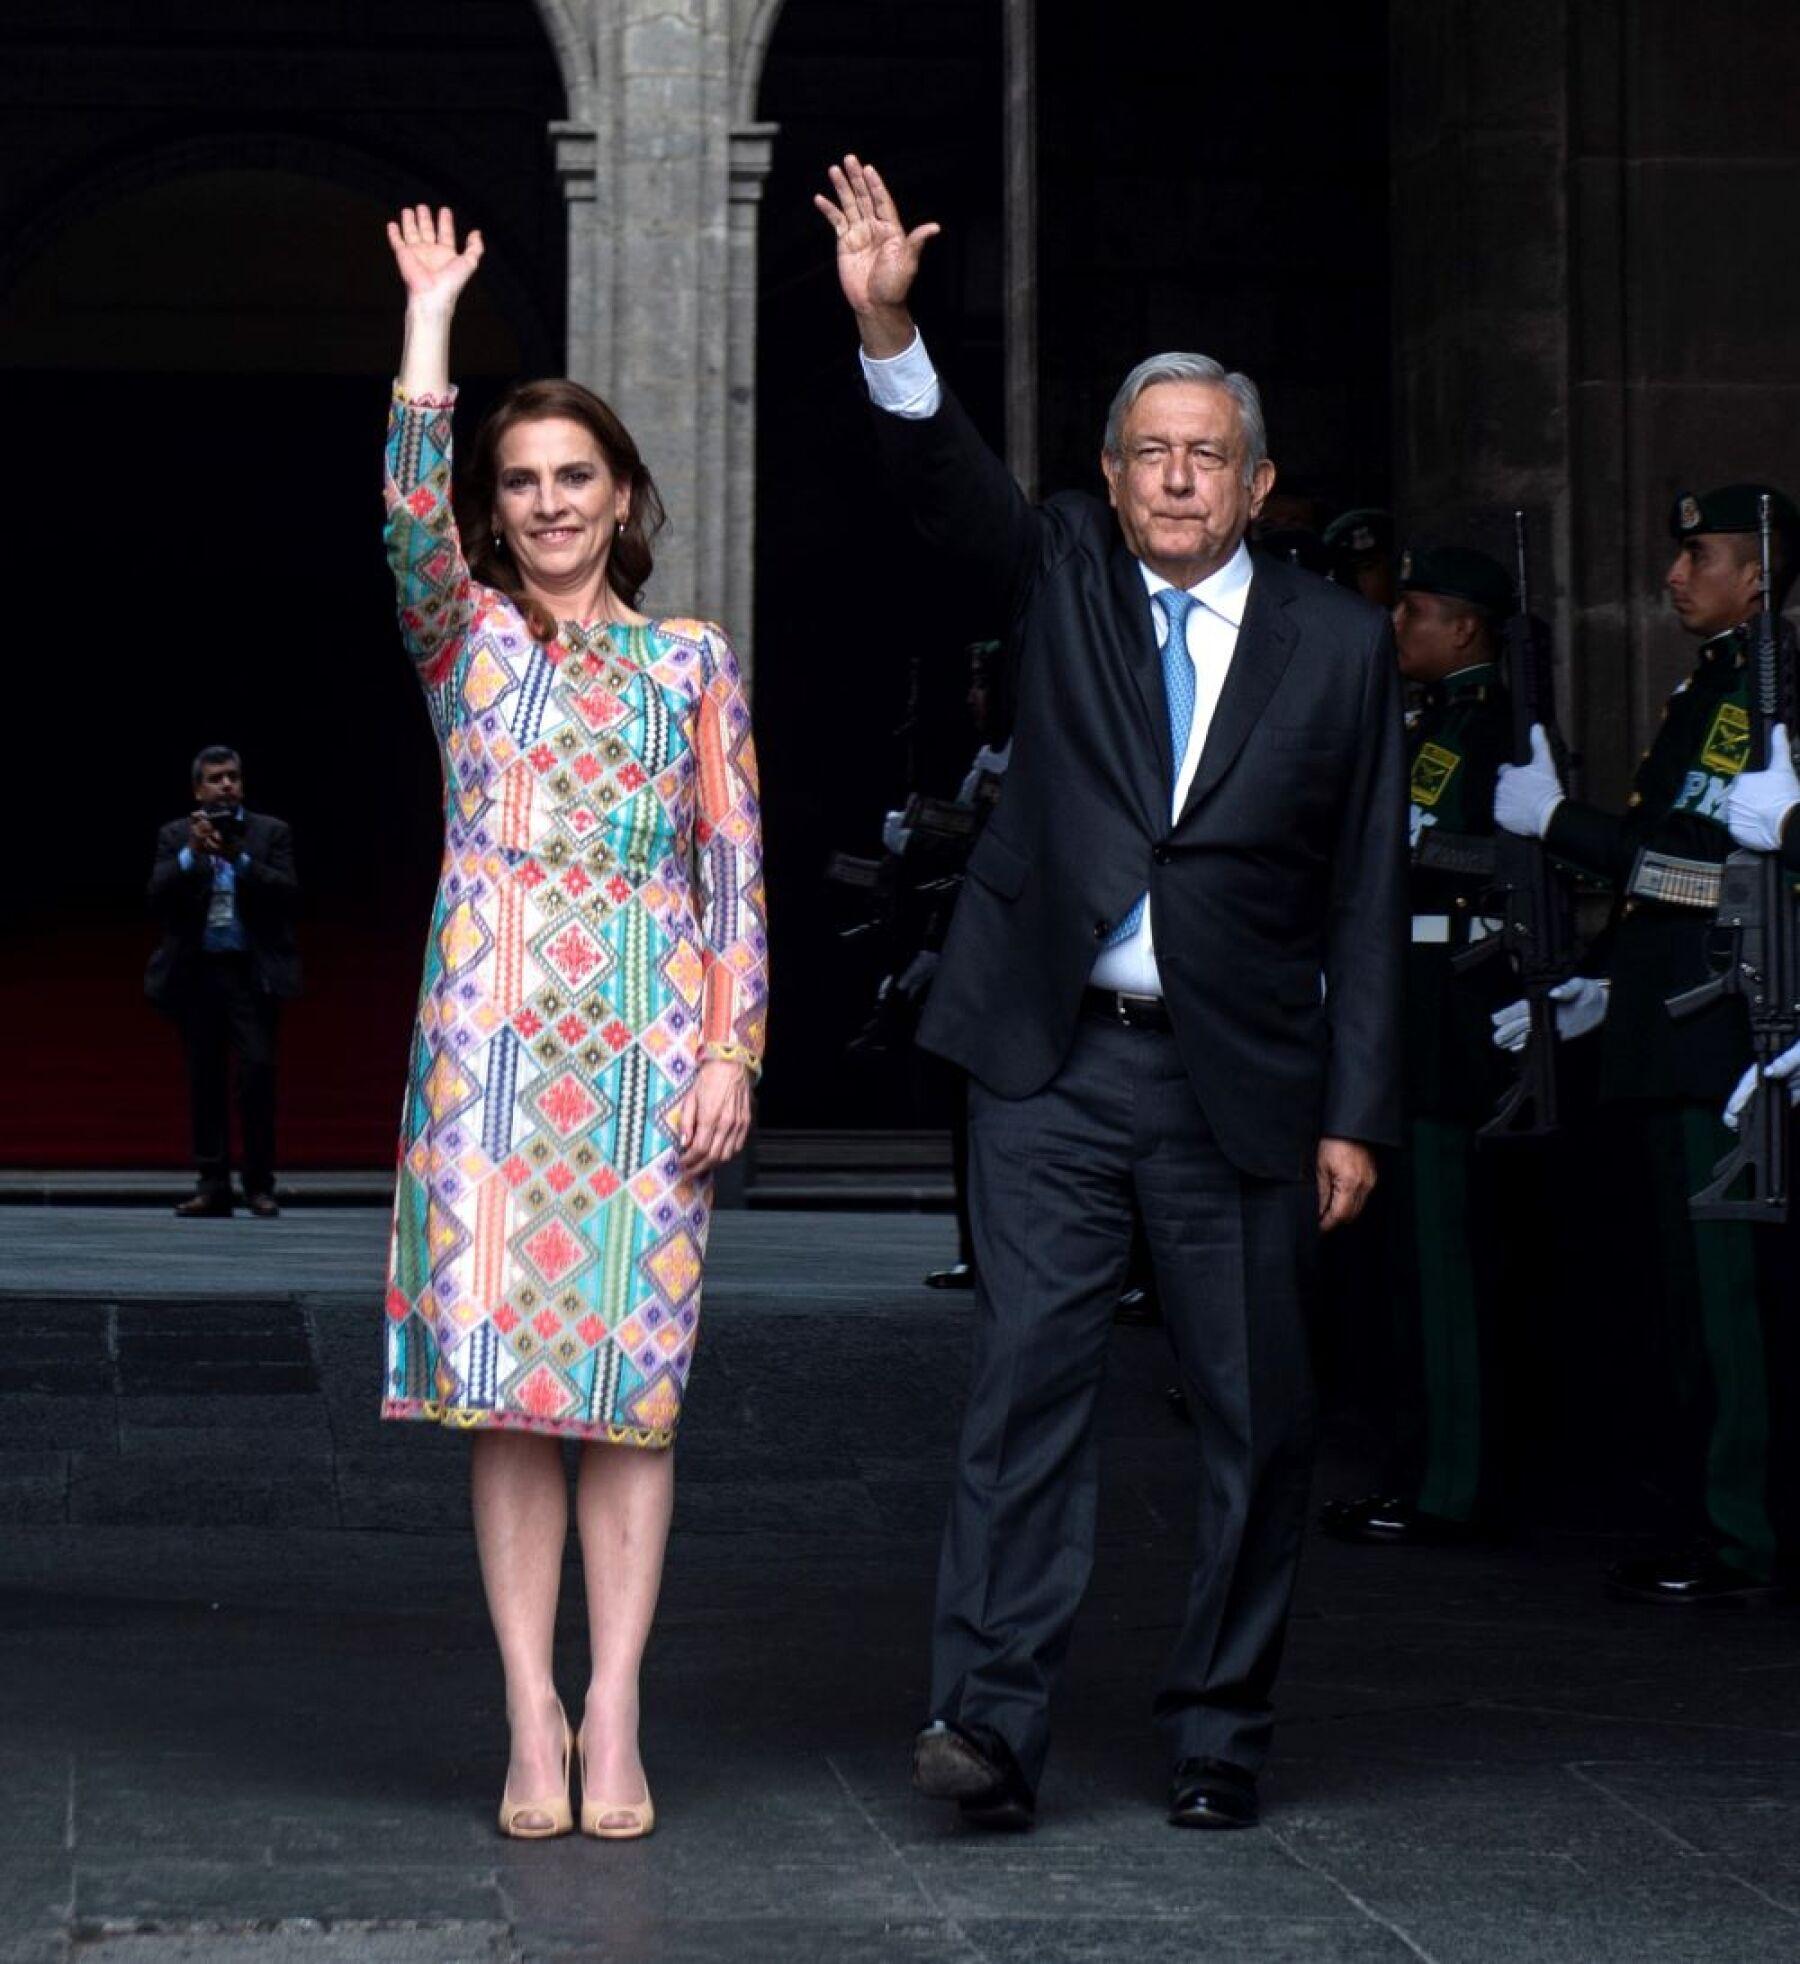 Vestido huichol de Beatriz Gutiérrez Müller 7.jpg